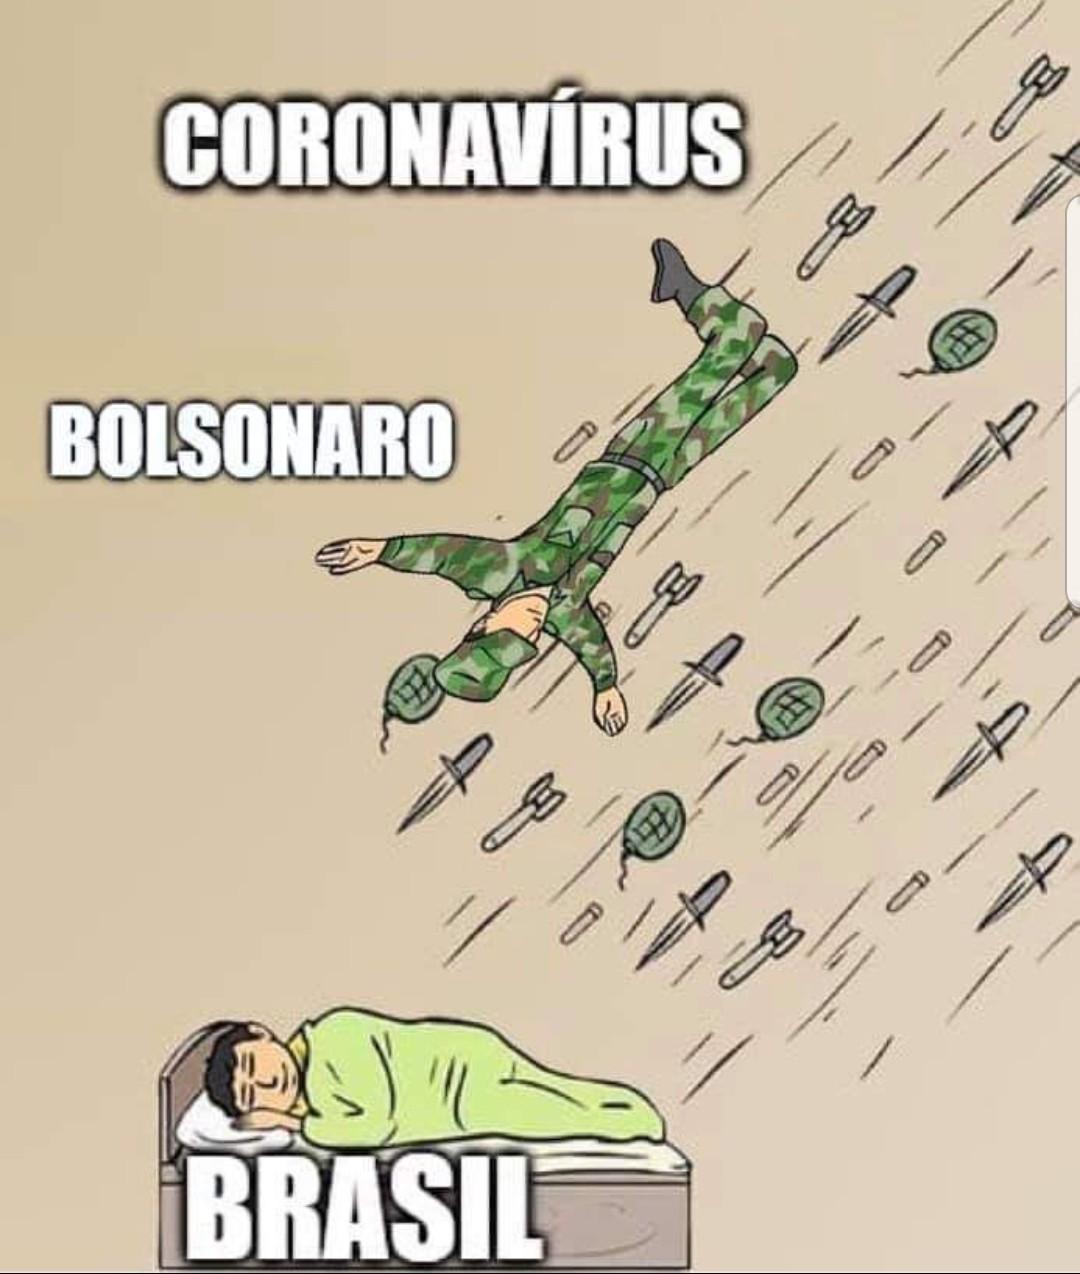 Biroliro - meme